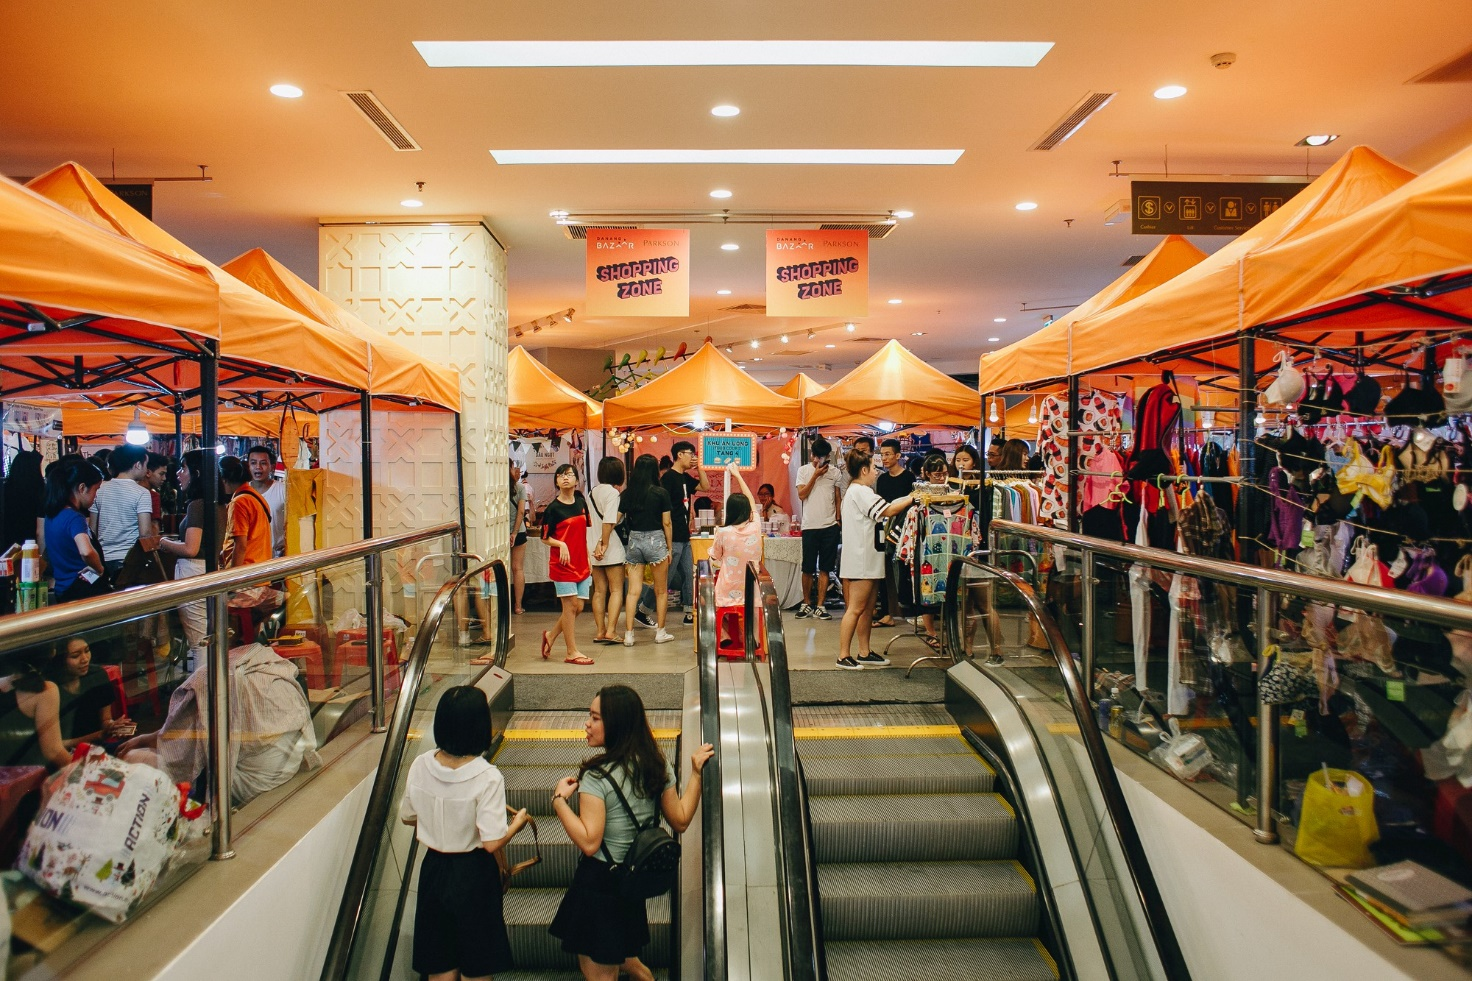 Lâu lắm rồi, Đà Nẵng mới có một chợ phiên khiến giới trẻ chờ mong đến thế này! - Ảnh 2.